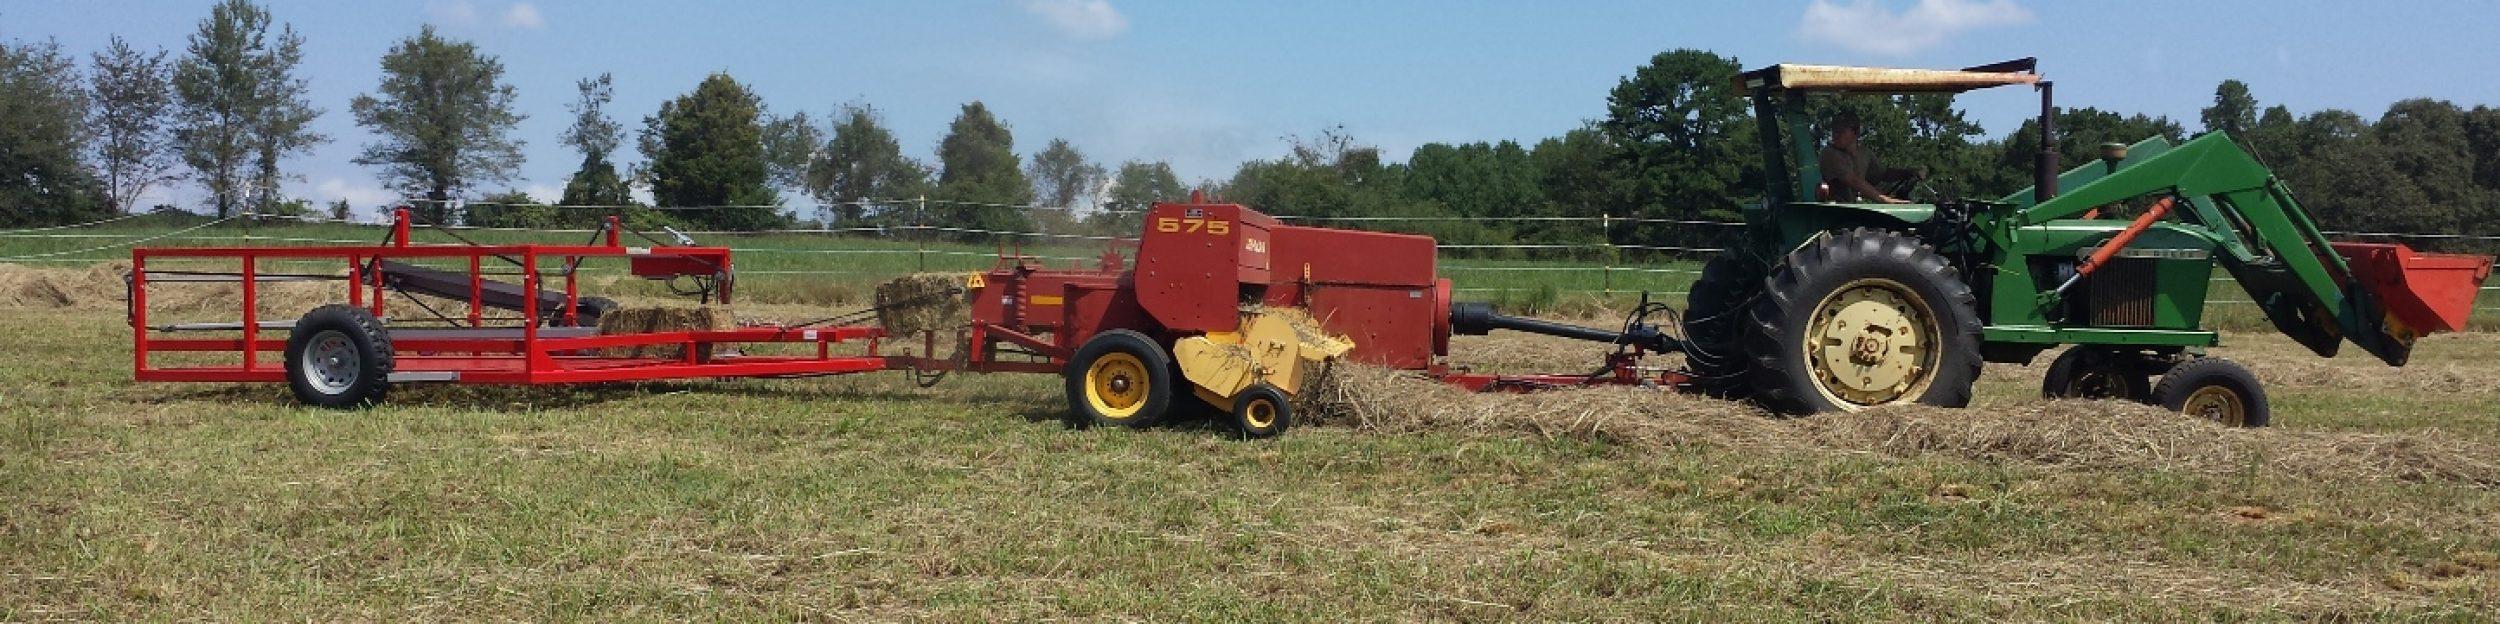 Farming Geeks